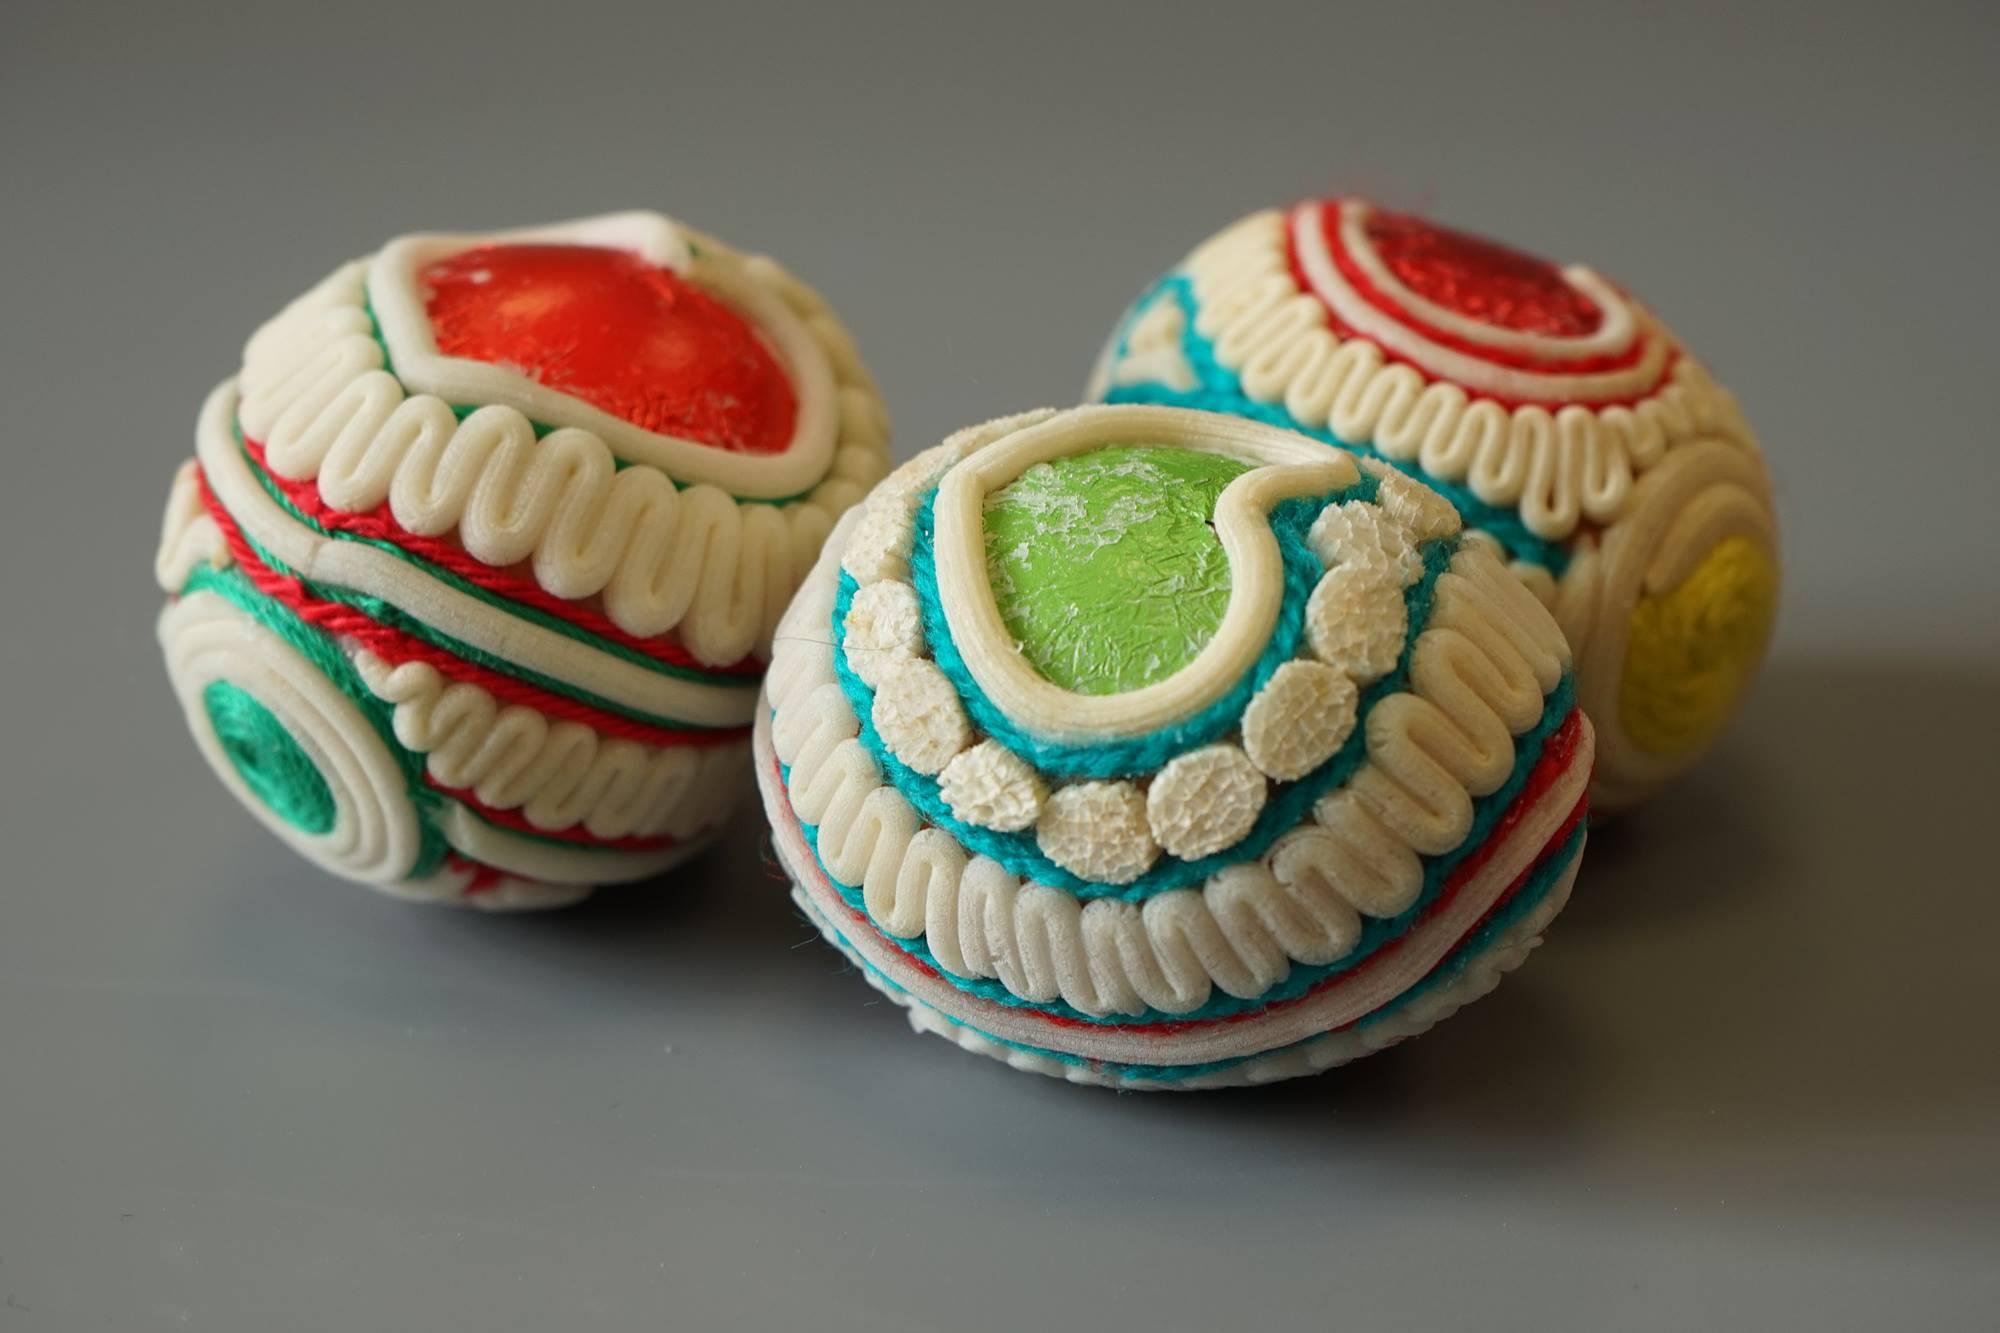 Jajeczka sitowiem zdobione - warsztaty online